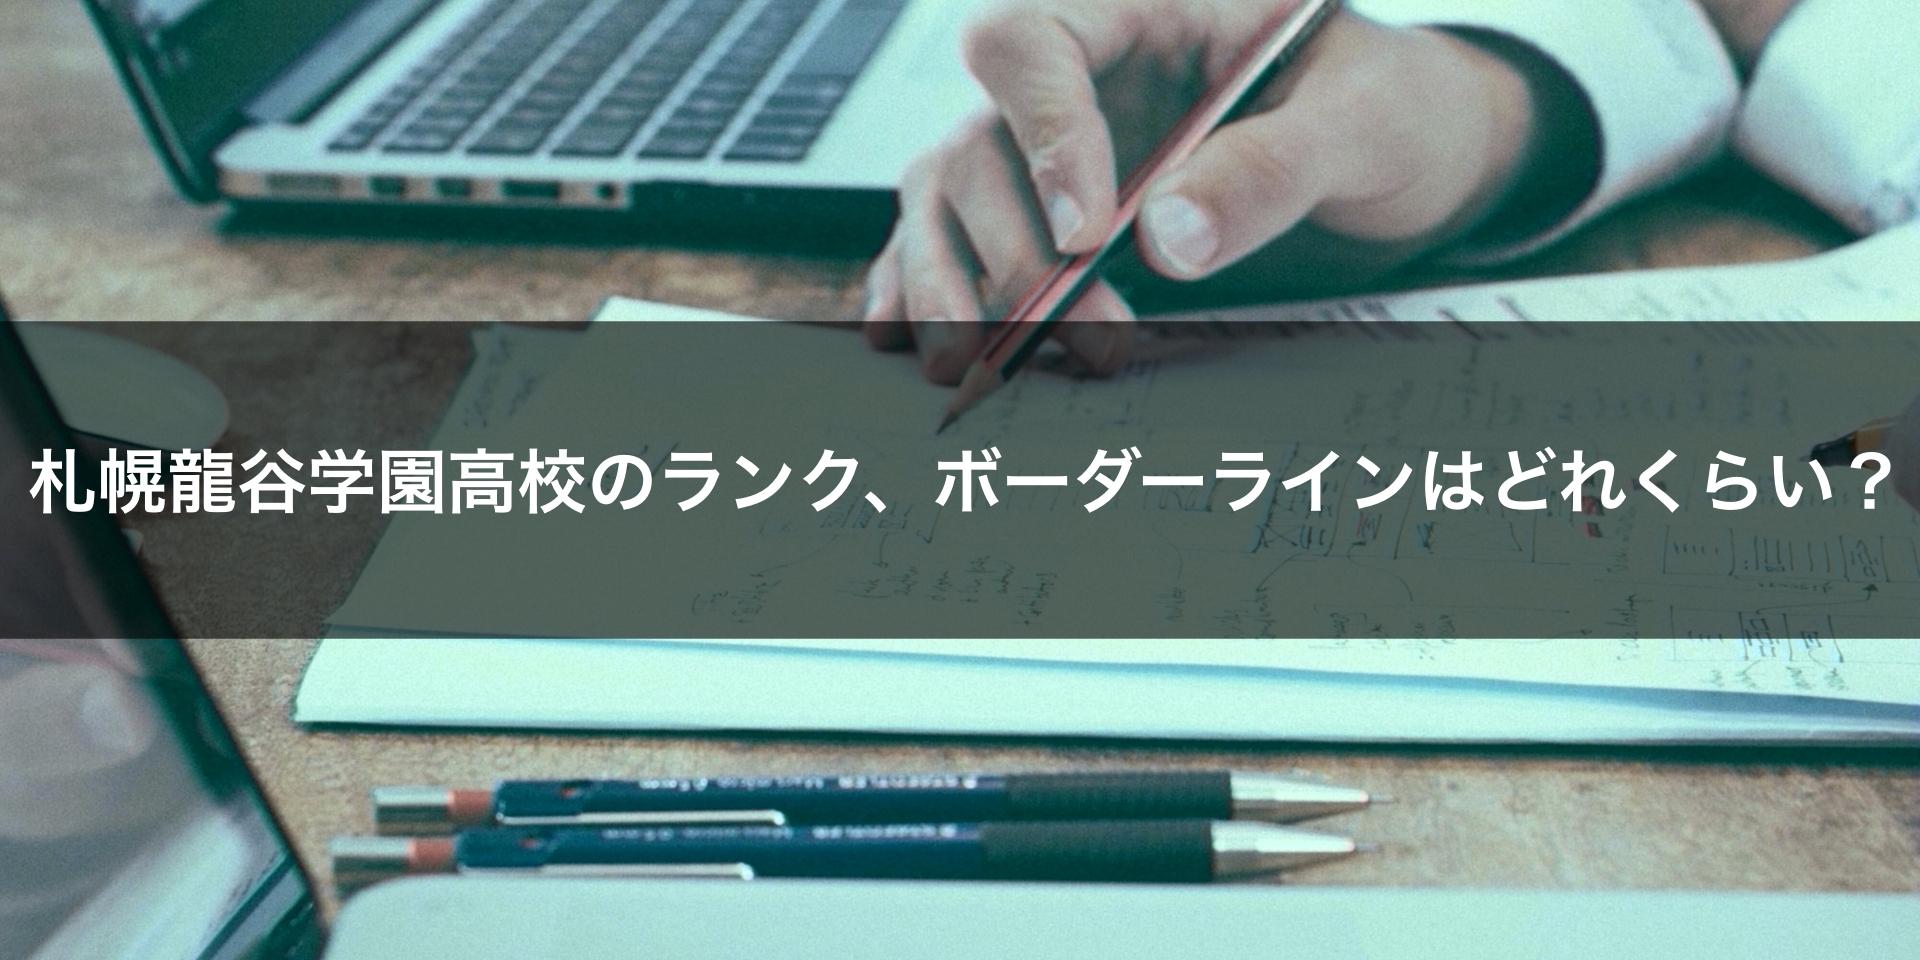 札幌龍谷学園高校のランク、ボーダーラインはどれくらい?